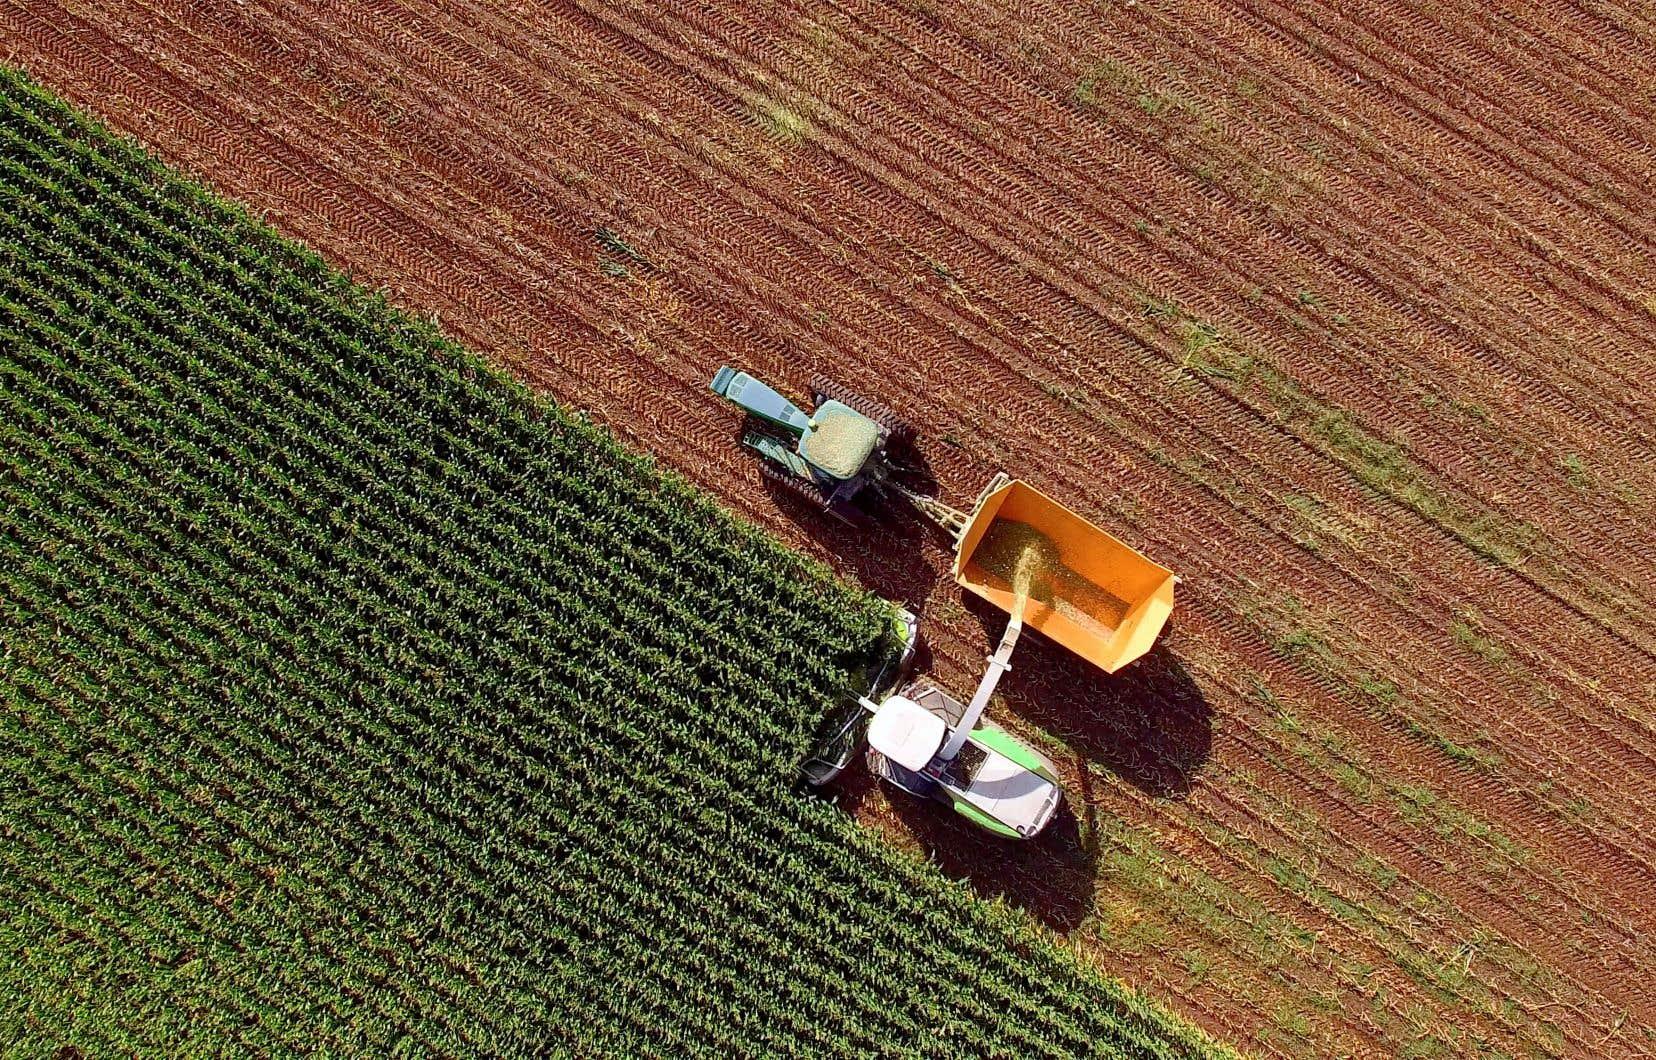 Les agriculteurs peuvent très bien se protéger contre des infestations sans employer les deux néonics dont il est question, explique Scott Kirby, de l'Agence de réglementation de la lutte antiparasitaire.